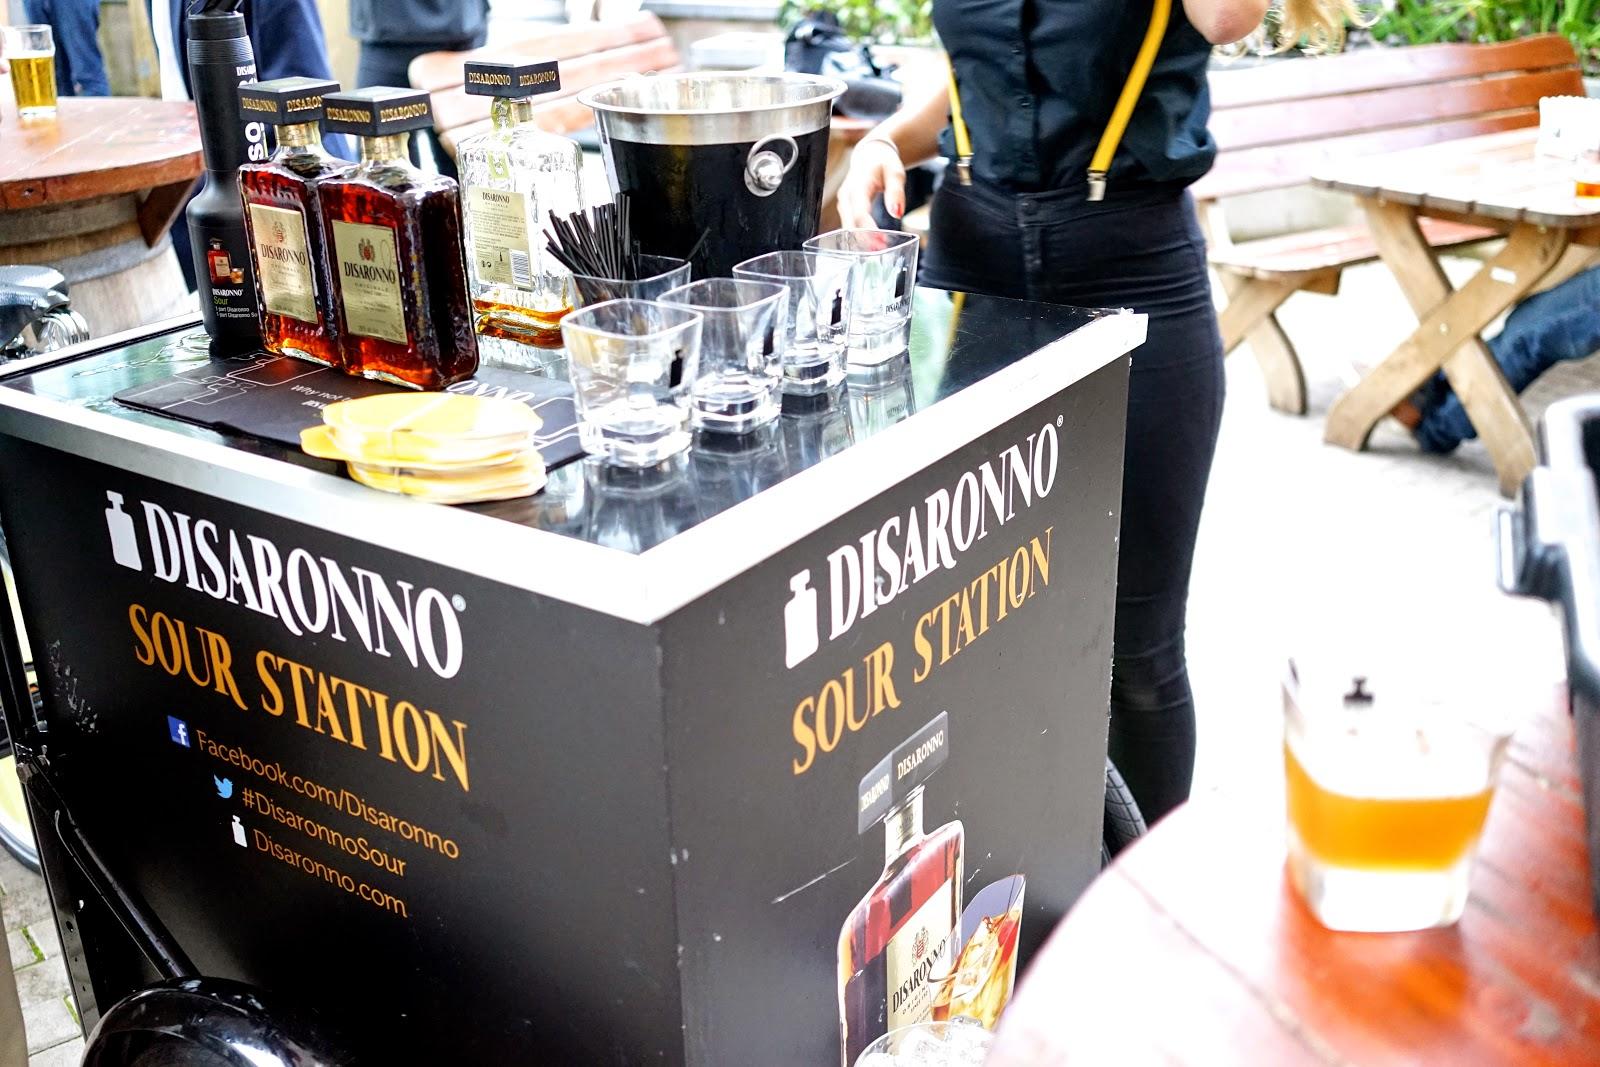 Disaronno Sour station